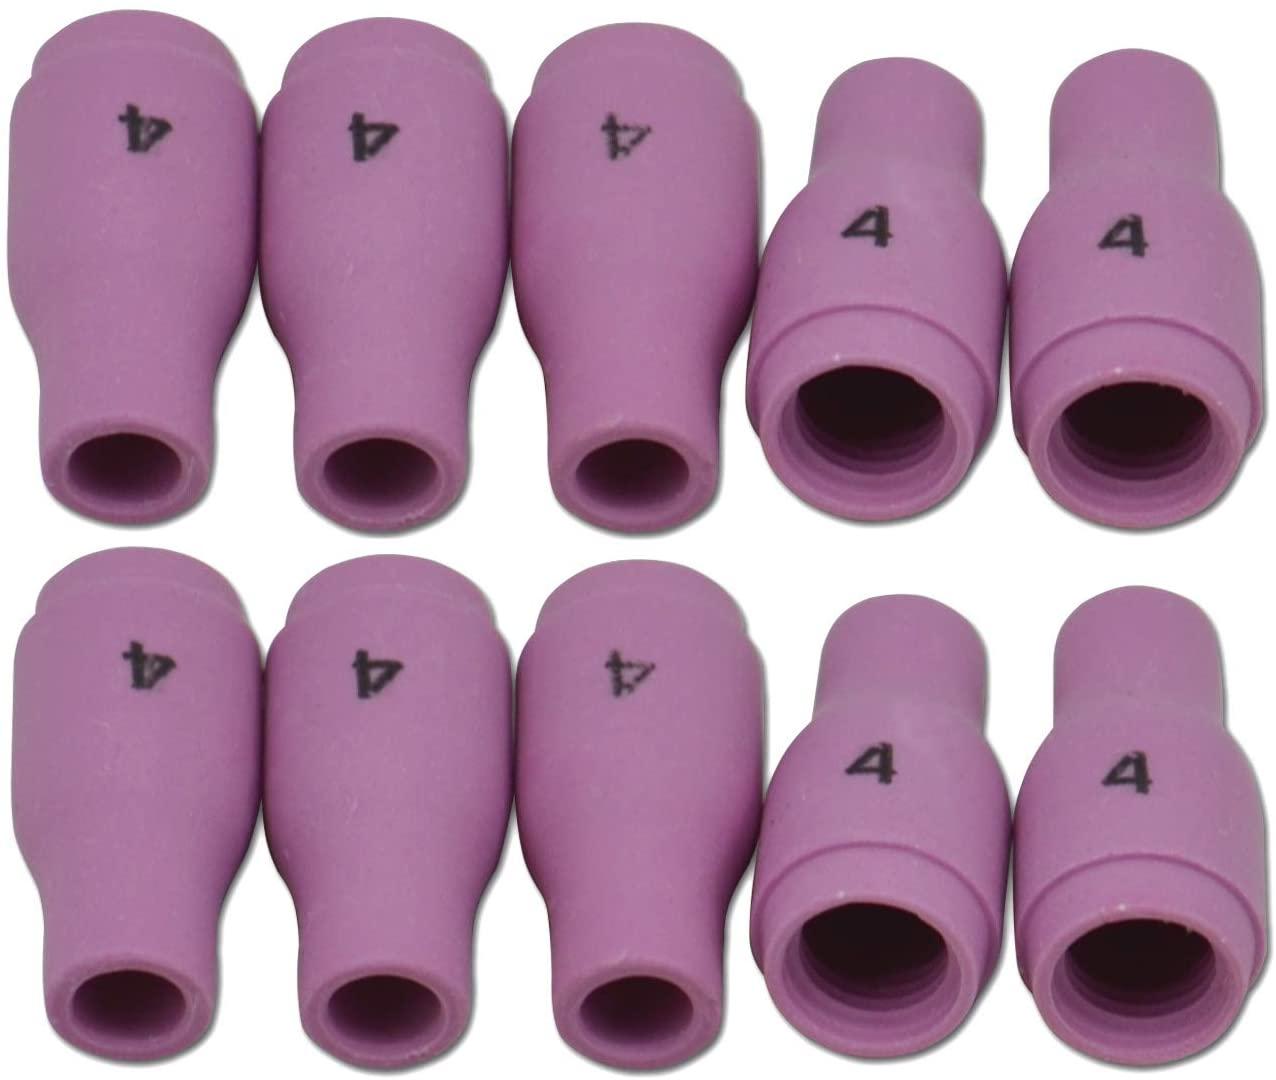 13N08 TIG Alumina Nozzle Ceramic Cups Fit PTA SR DB WP 9 20 25 TIG Welding Torch Accessories 10PK